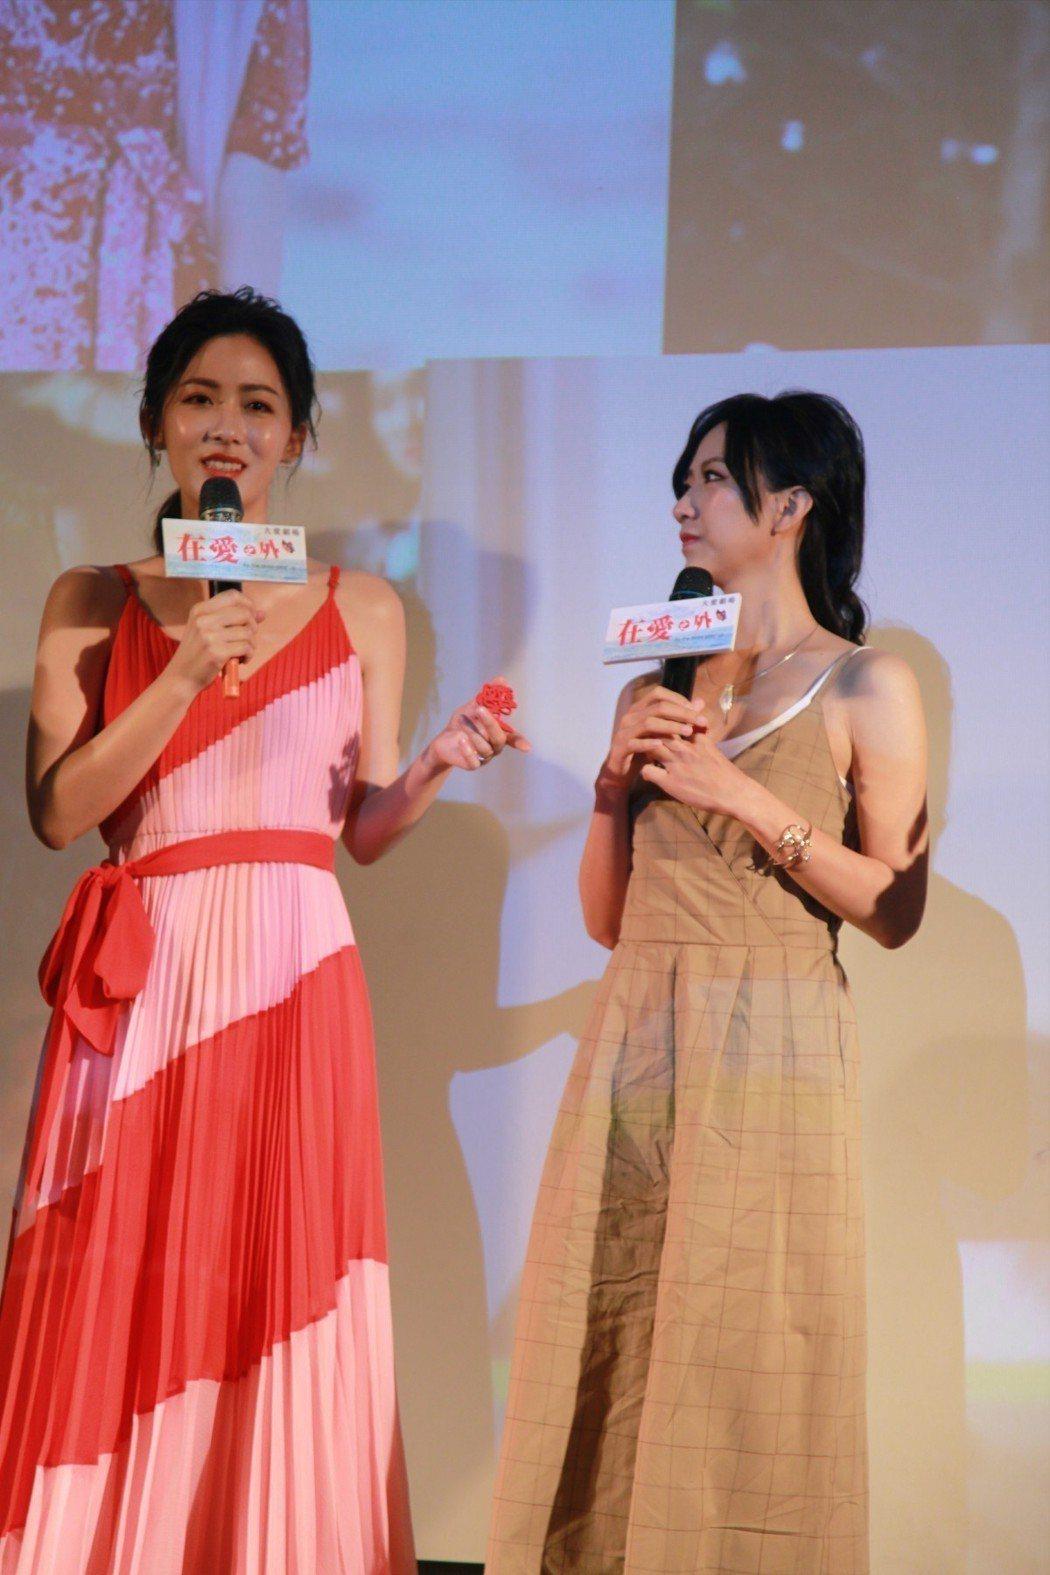 安唯綾(左)、范宸菲演出「在愛之外」分飾小三、正宮。圖/大愛台提供